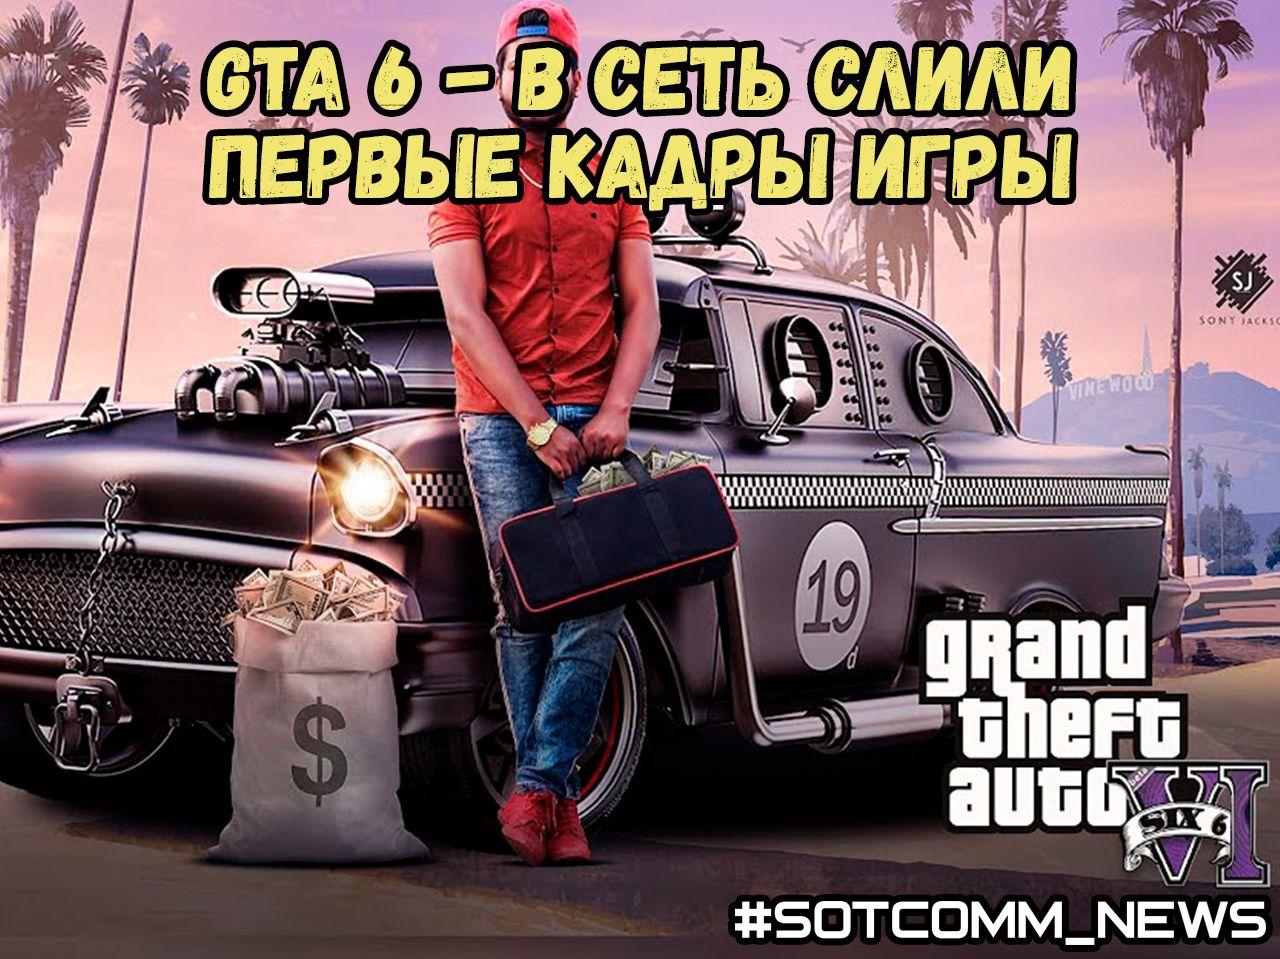 Первые изображения из GTA 6 Grand Theft Auto VI слили в сеть скрины GTA 6